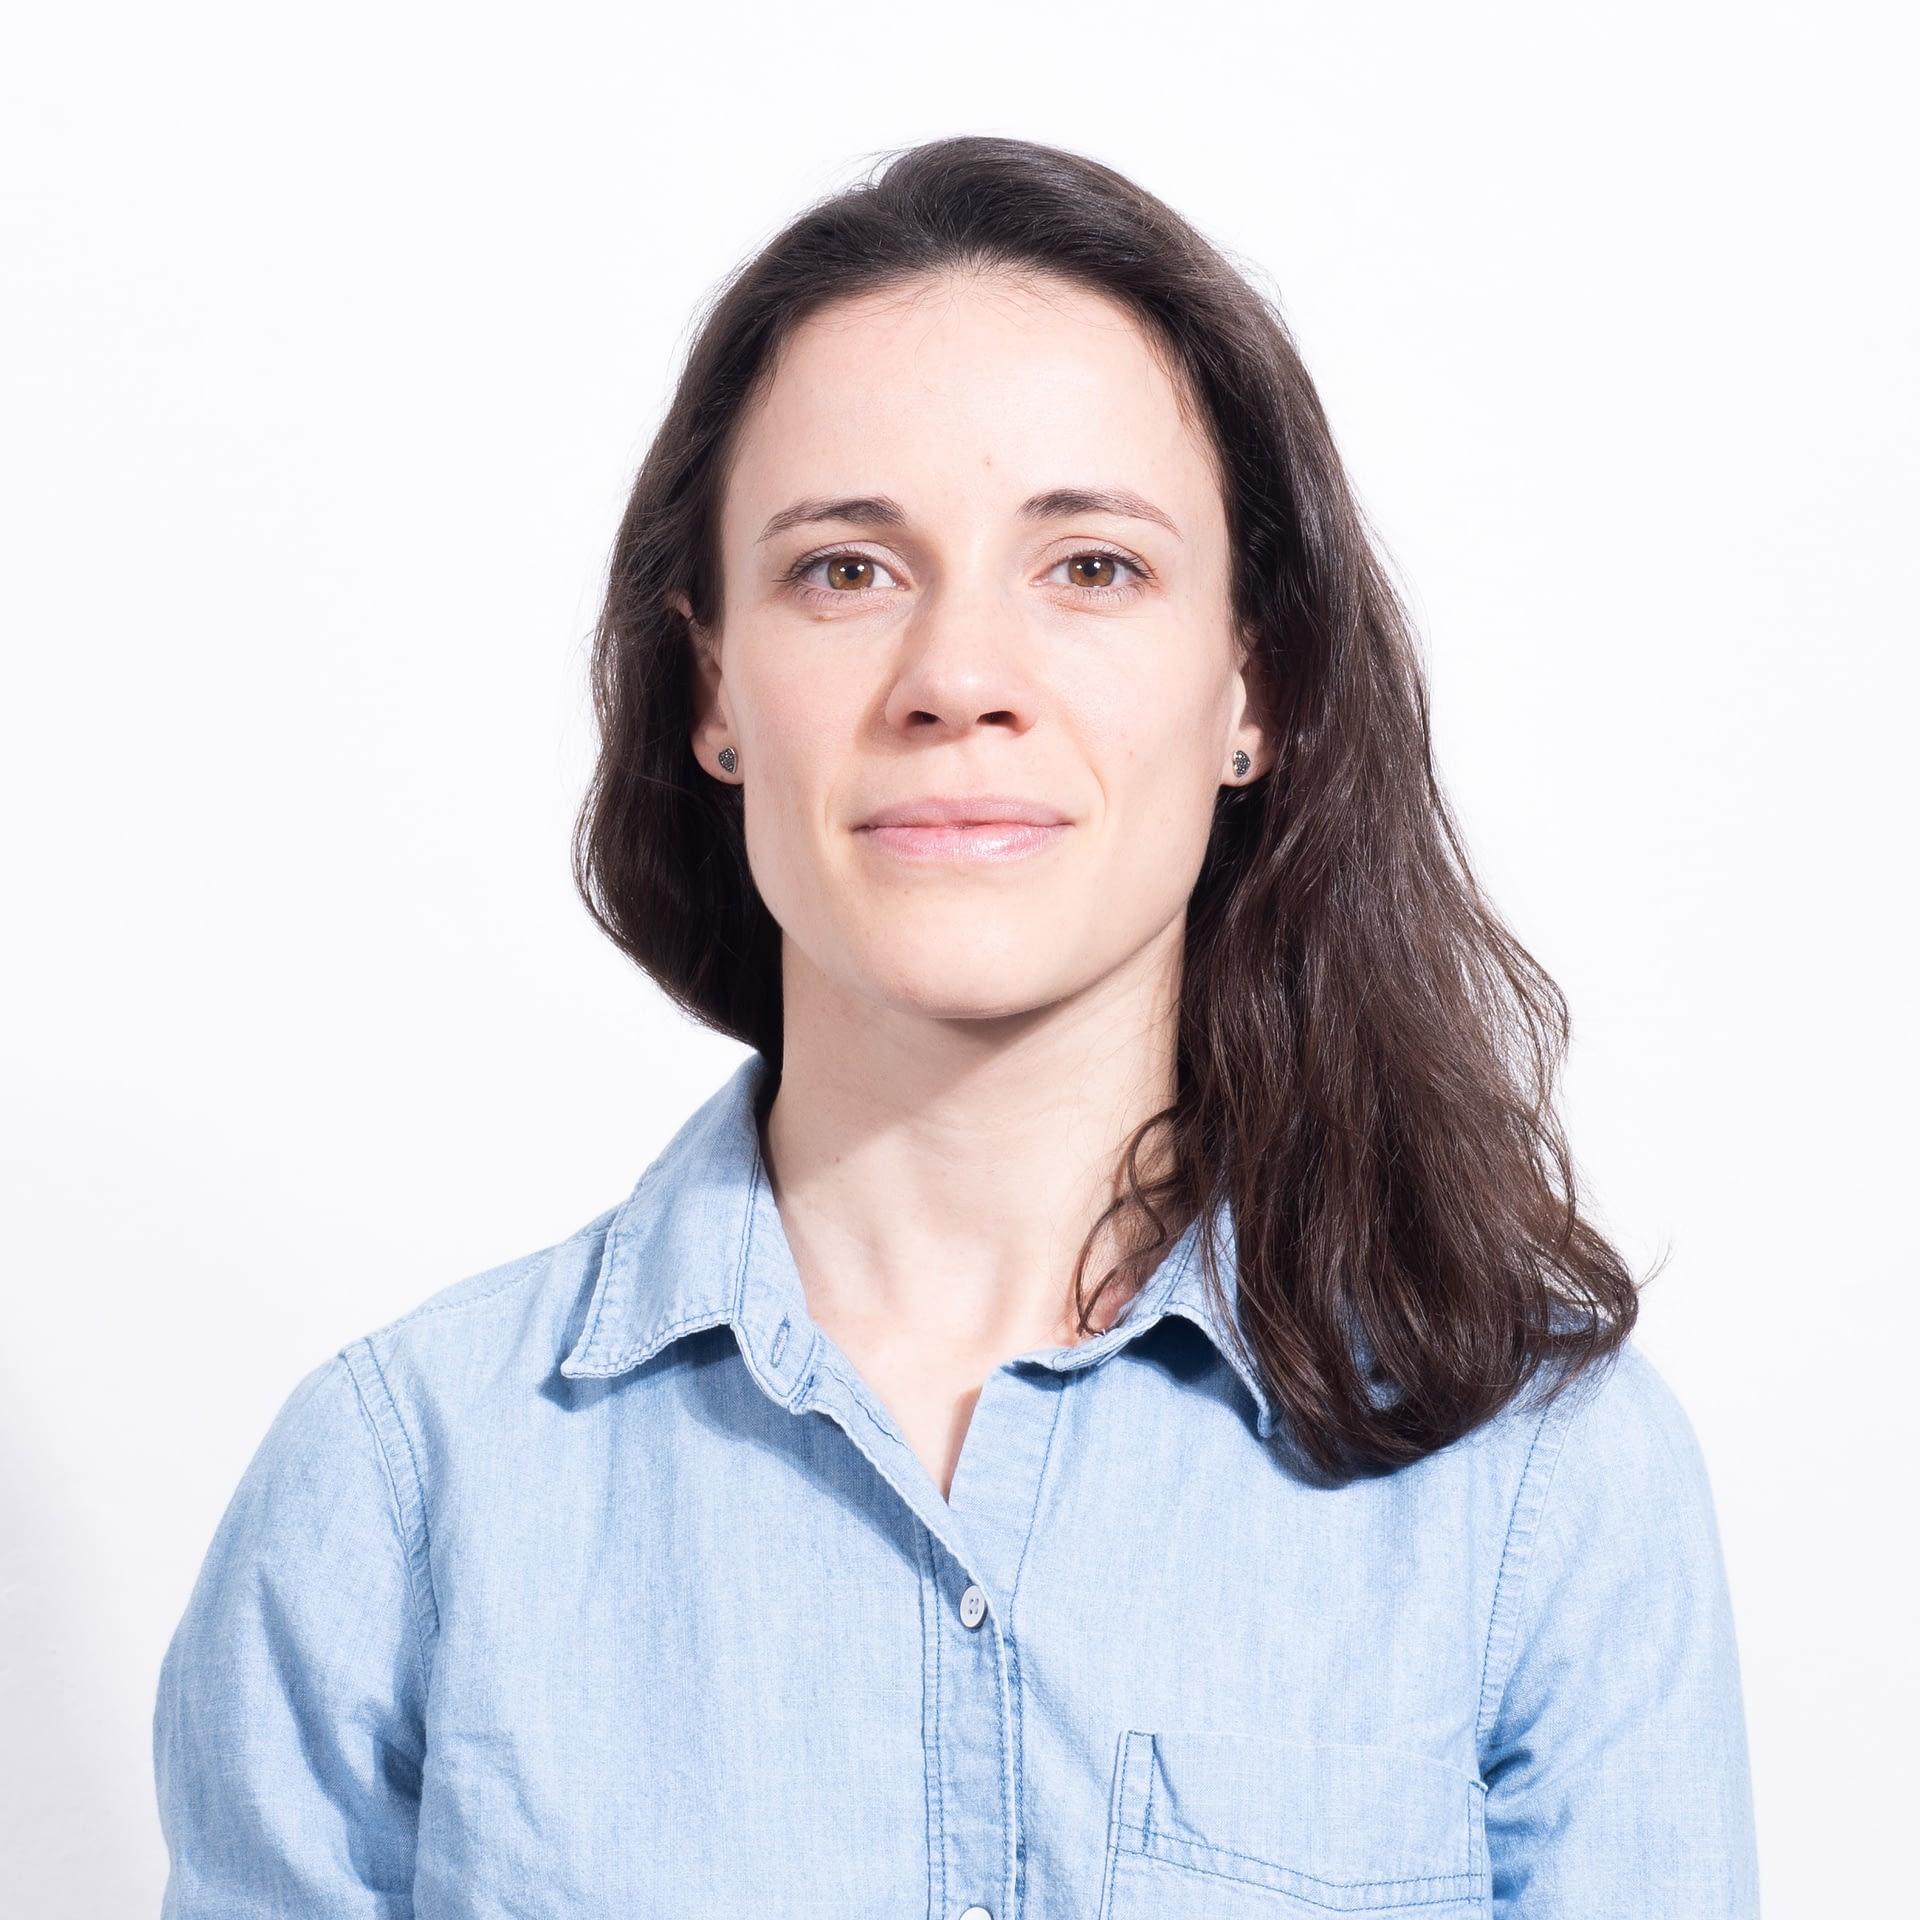 Profile image for Maria Itria Ibba